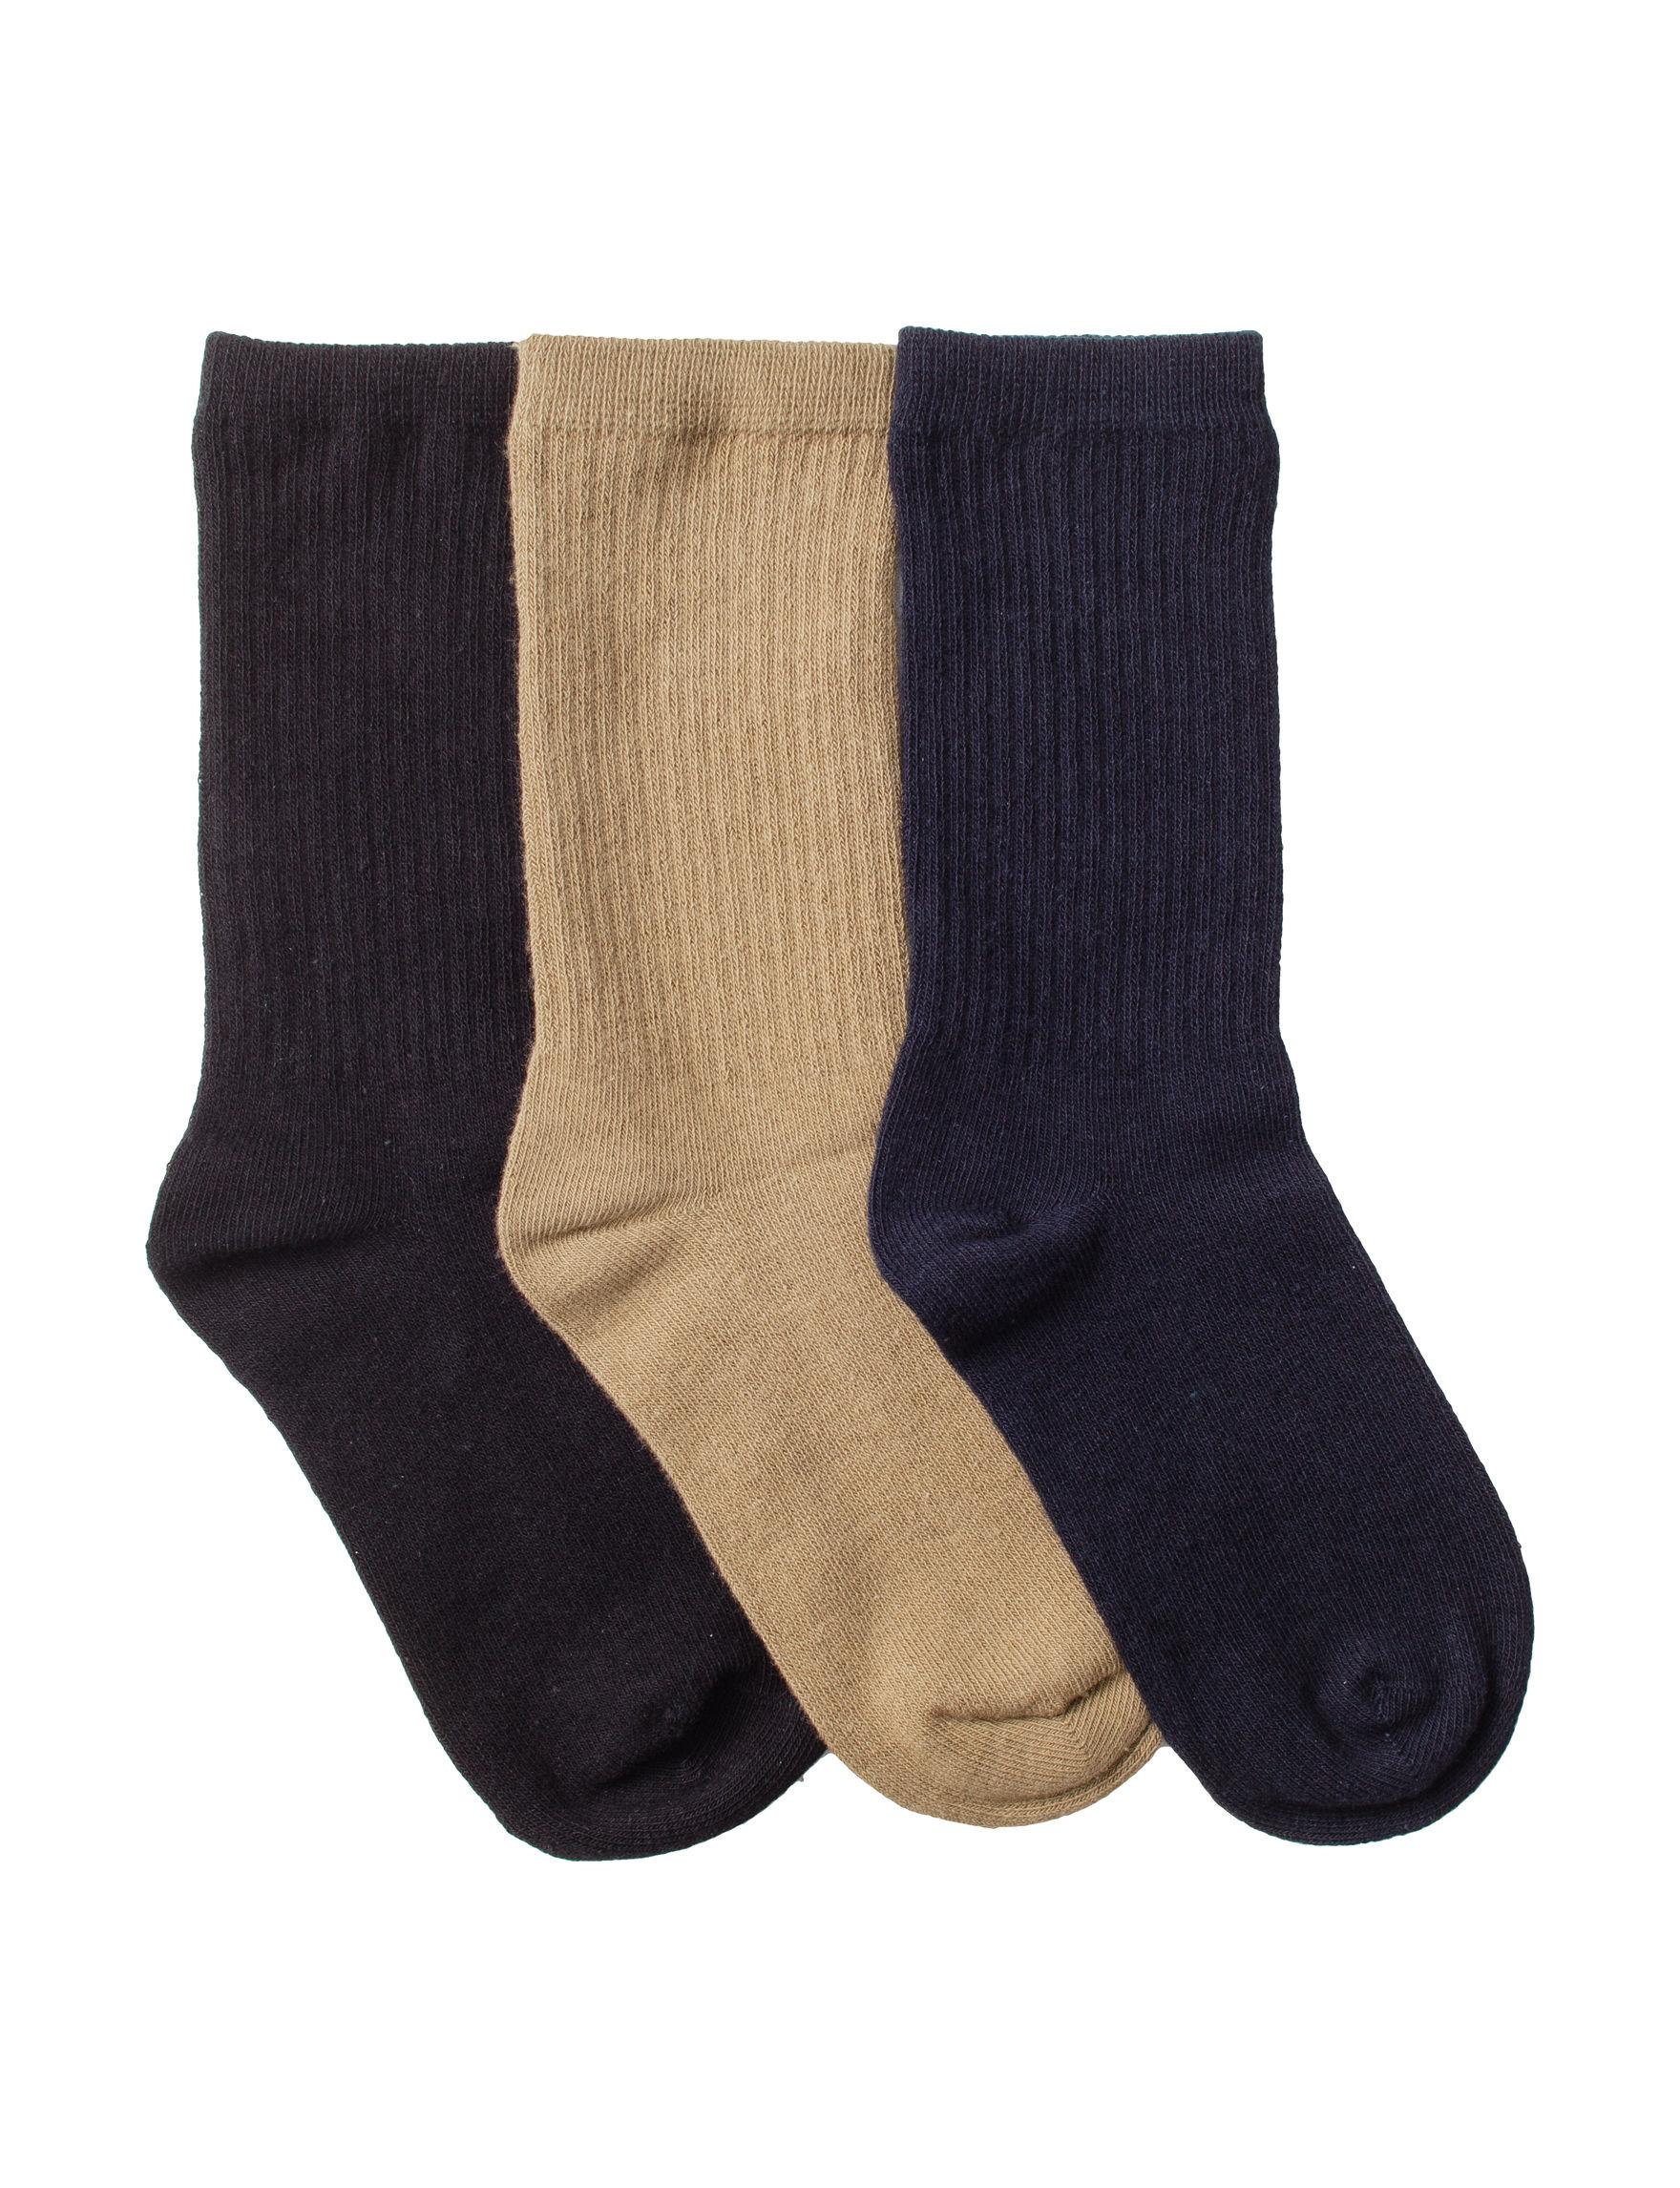 Trimfit Multi Socks